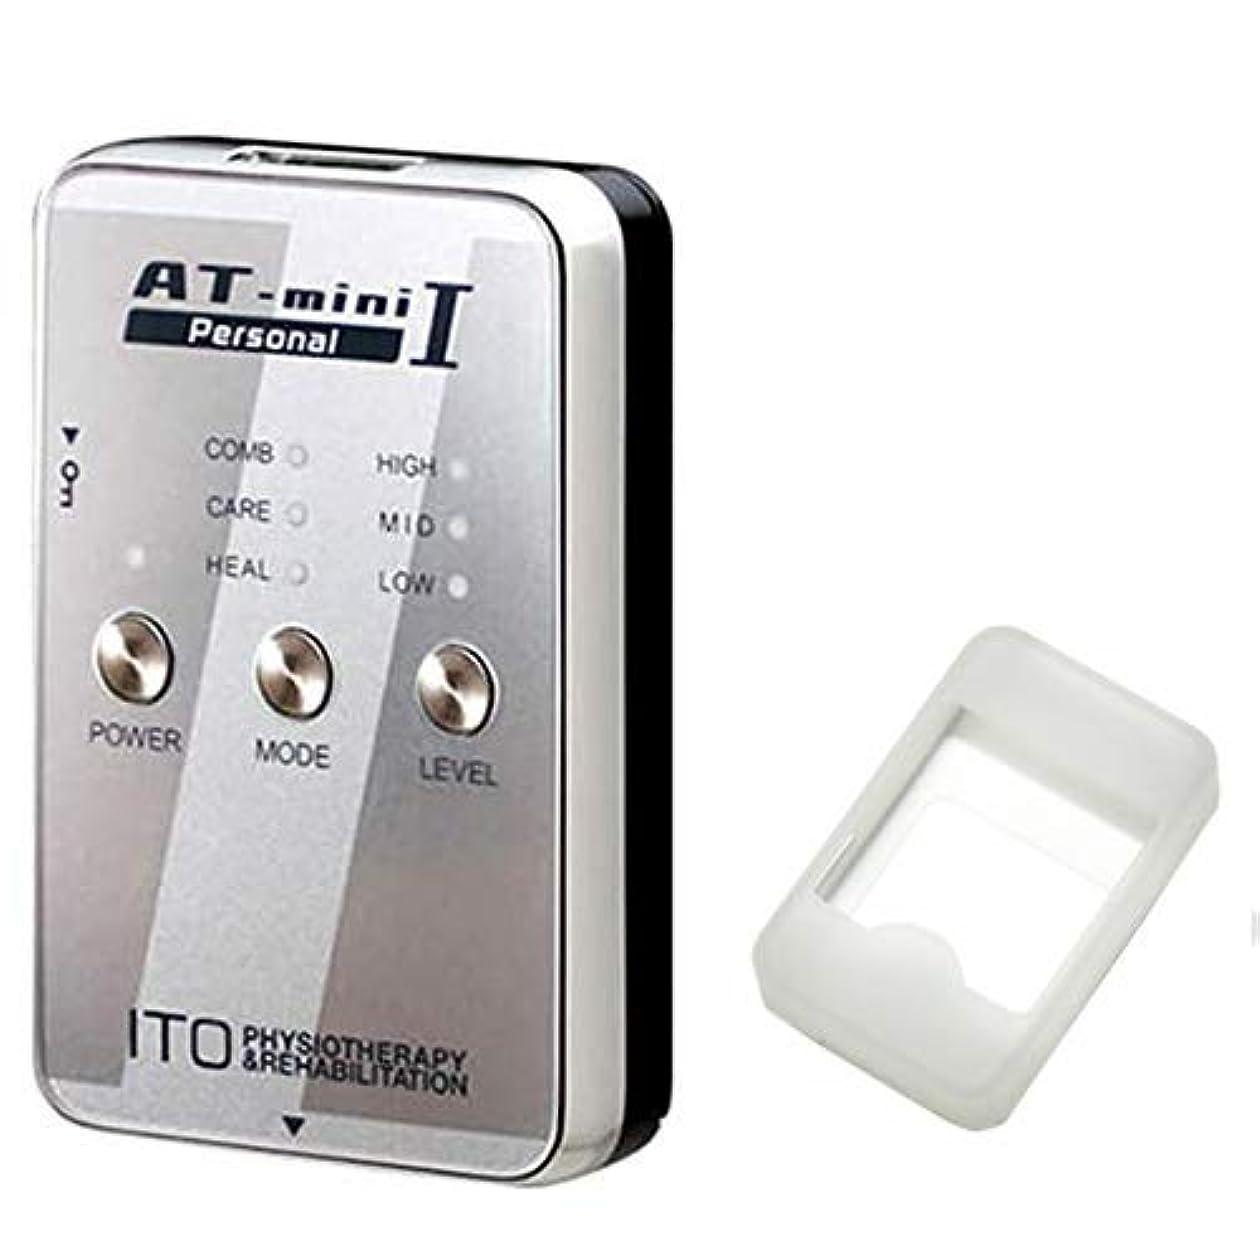 司教囲まれた流産低周波治療器 AT-mini personal I シルバー (ATミニパーソナル1) + シリコン保護ケース